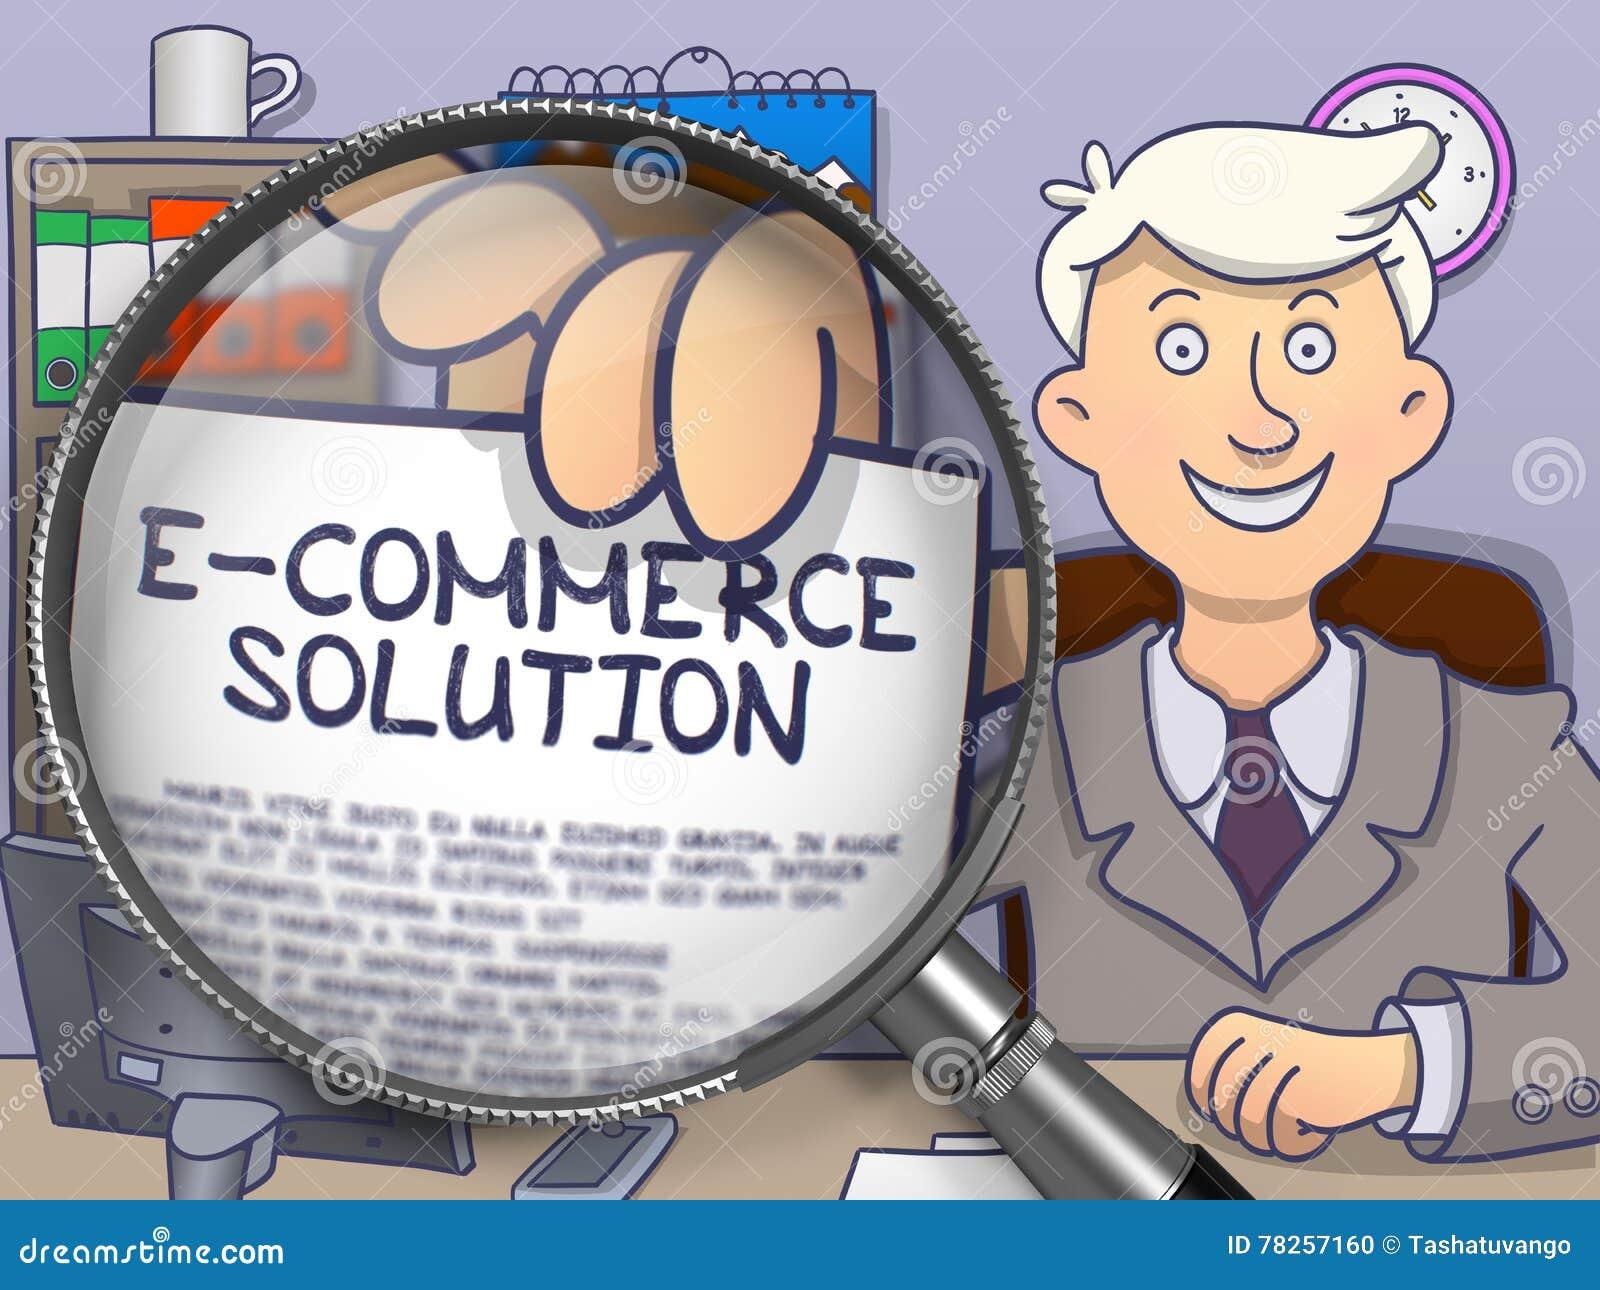 Λύση ηλεκτρονικού εμπορίου μέσω της ενίσχυσης - γυαλί Σχέδιο Doodle